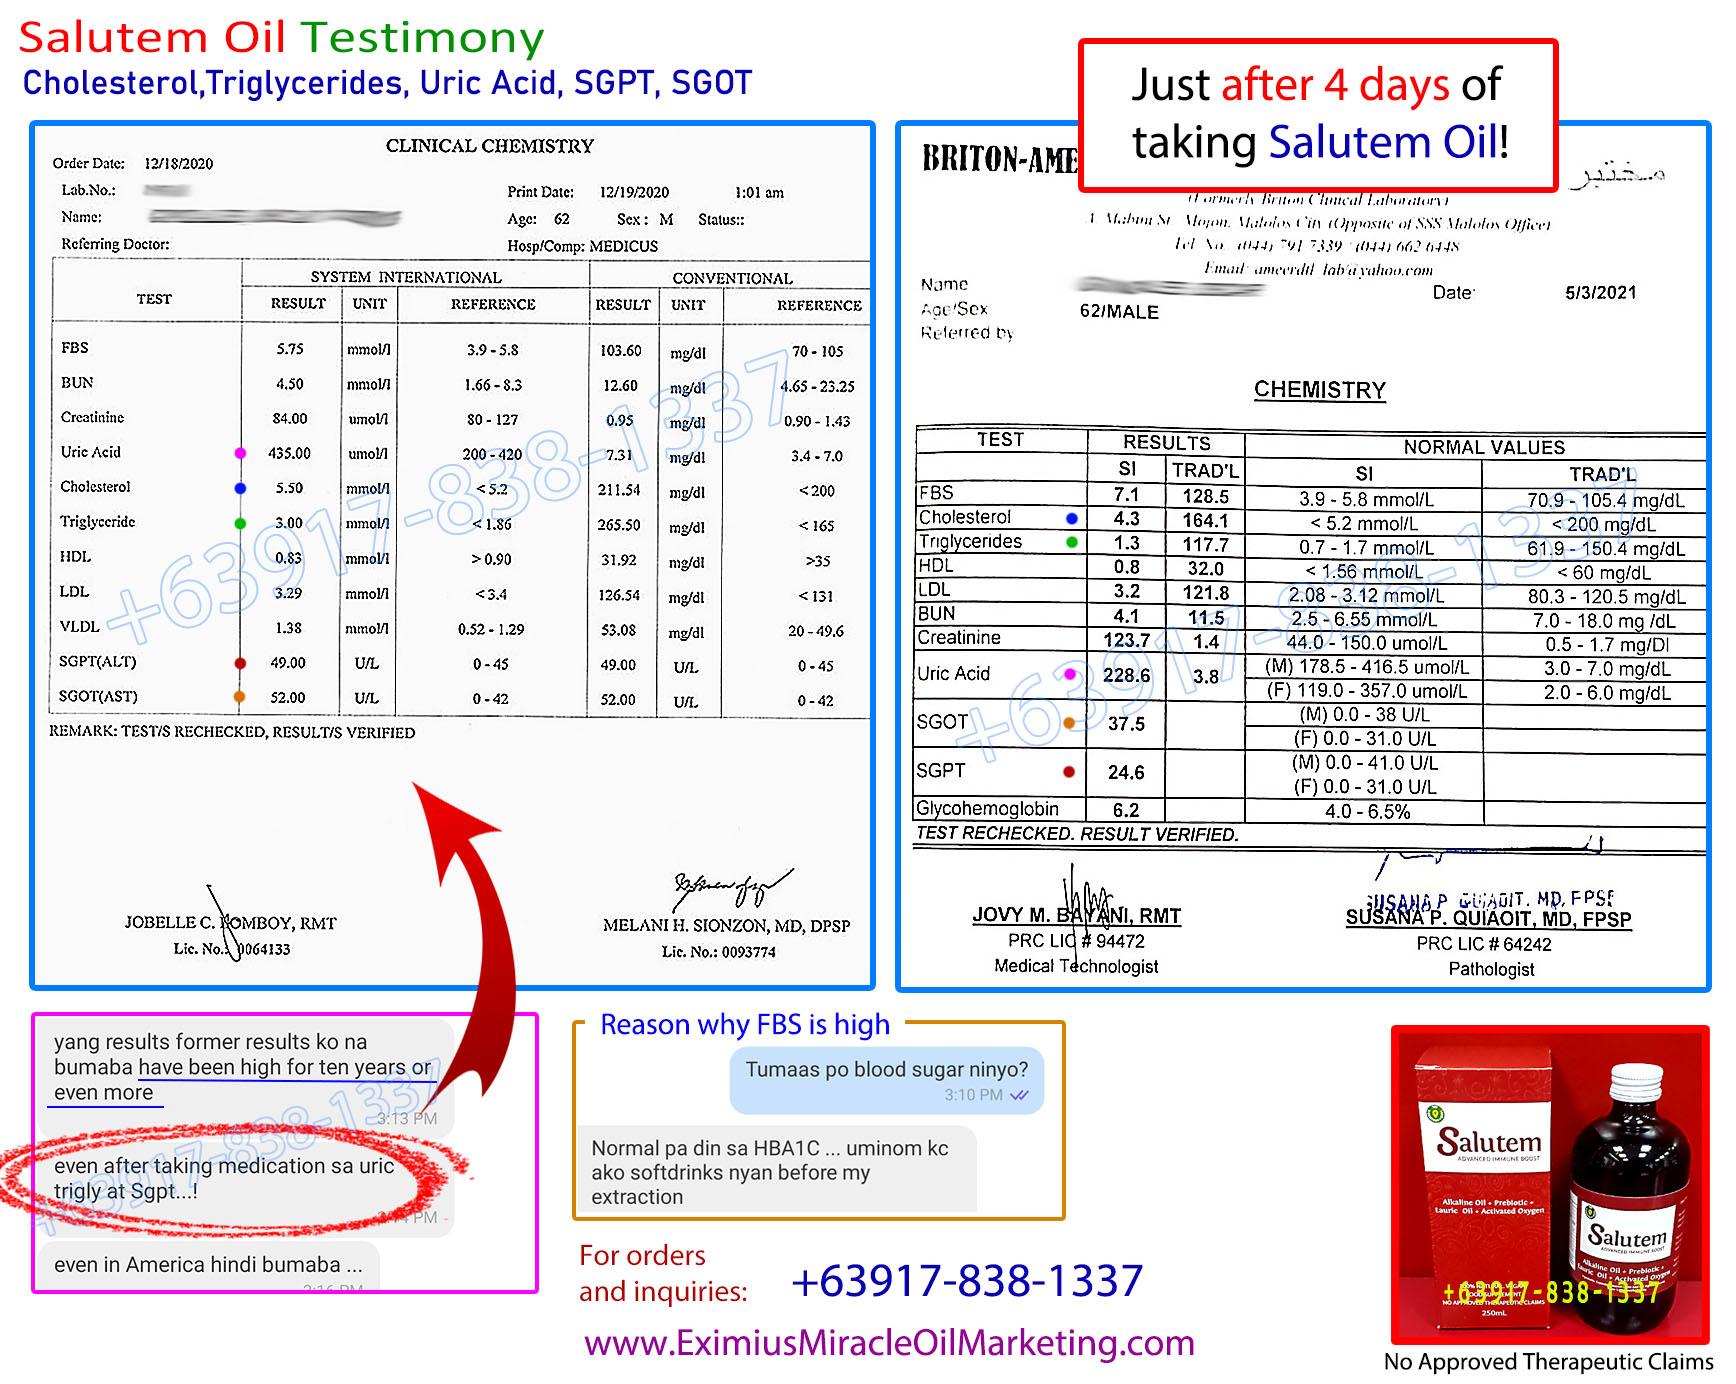 Salutem Oil Cholesterol Triglycerides Uric Acid SGPT SGOT